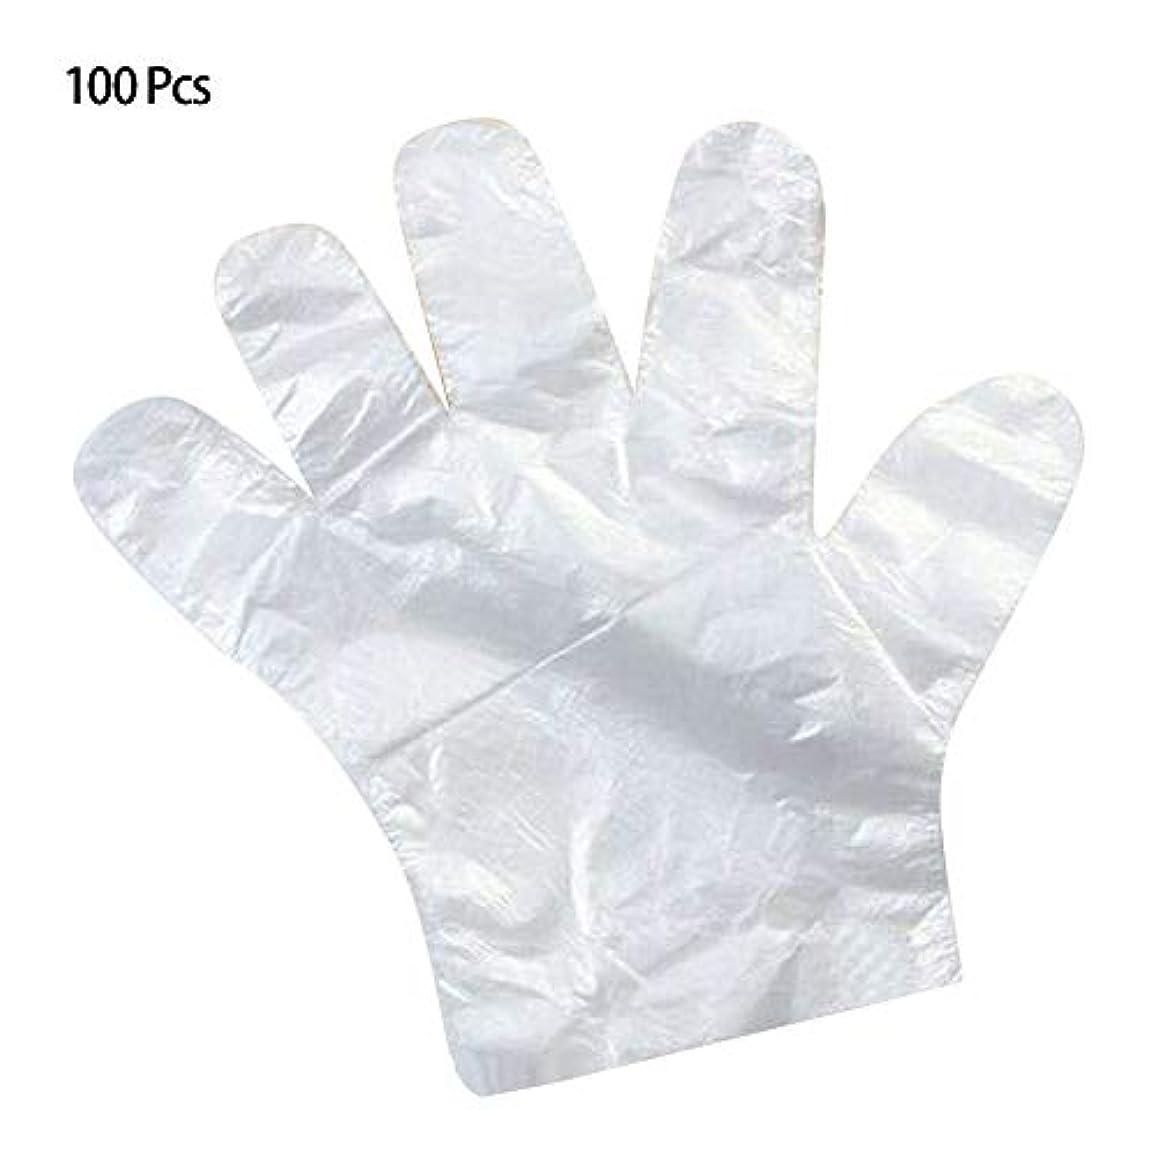 控える急行する潮使い捨て手袋 極薄ビニール手袋 ポリエチレン 透明 実用 衛生 100枚*2セット